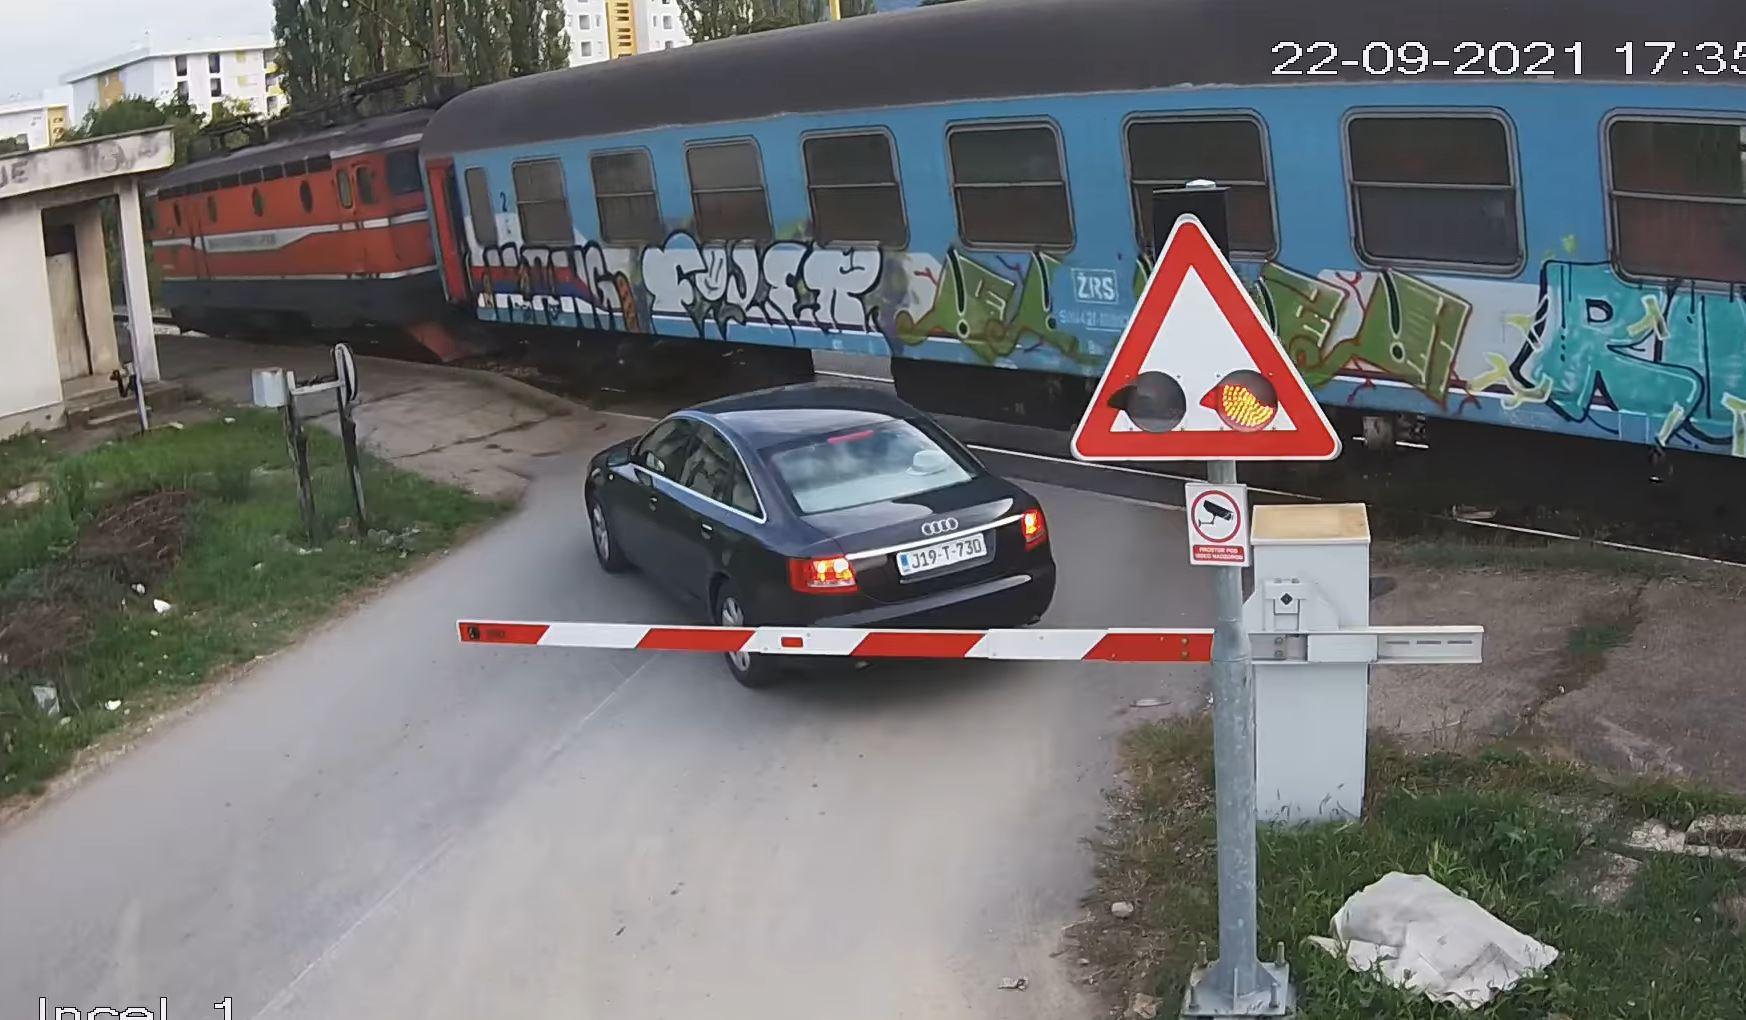 Nesavjesni vozač: Pokušao preći preko pruge pa ostao 'zarobljen' između rampi / VIDEO